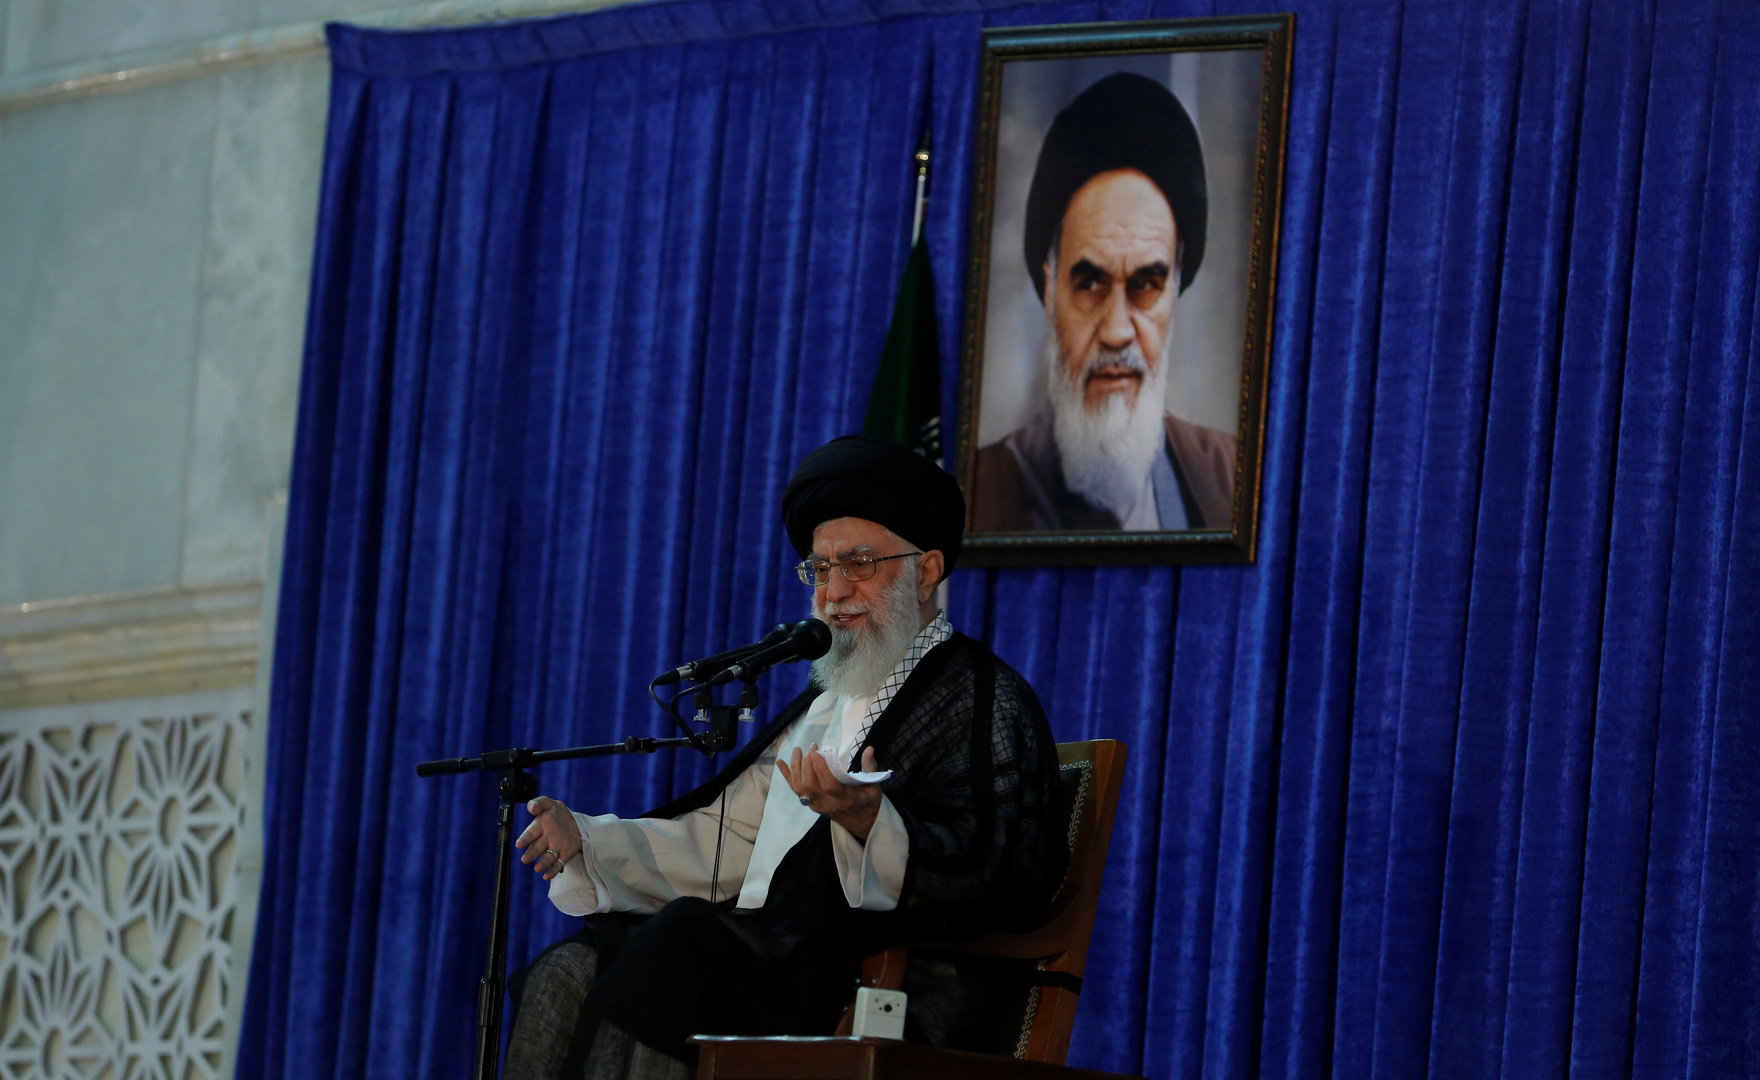 المرشد الأعلى للثورة الإيرانية، آية الله علي خامنئي.